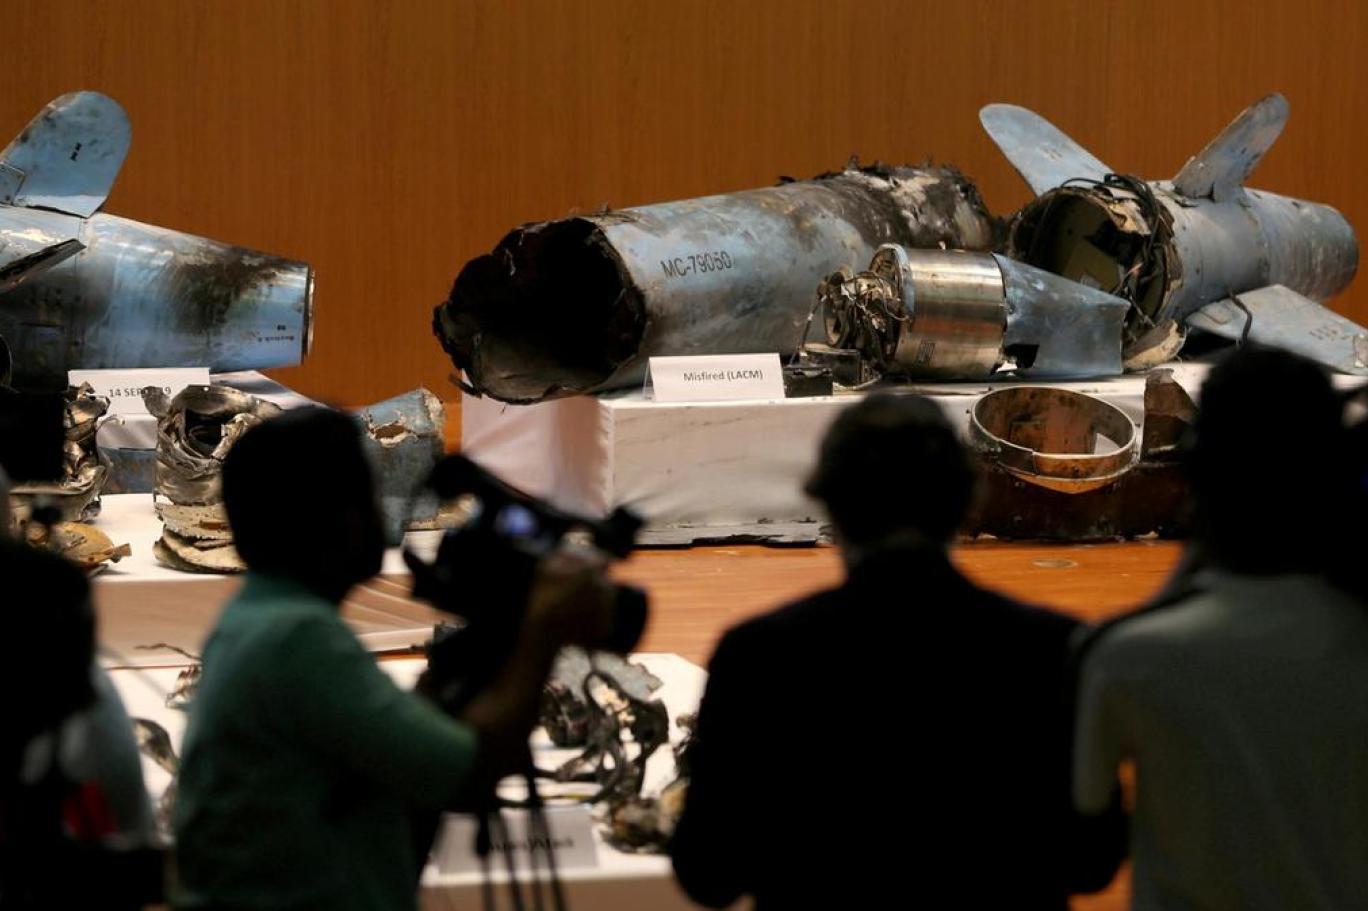 بقايا الصواريخ التي استهدفت منشآت أرامكو في 2019 (رويترز)